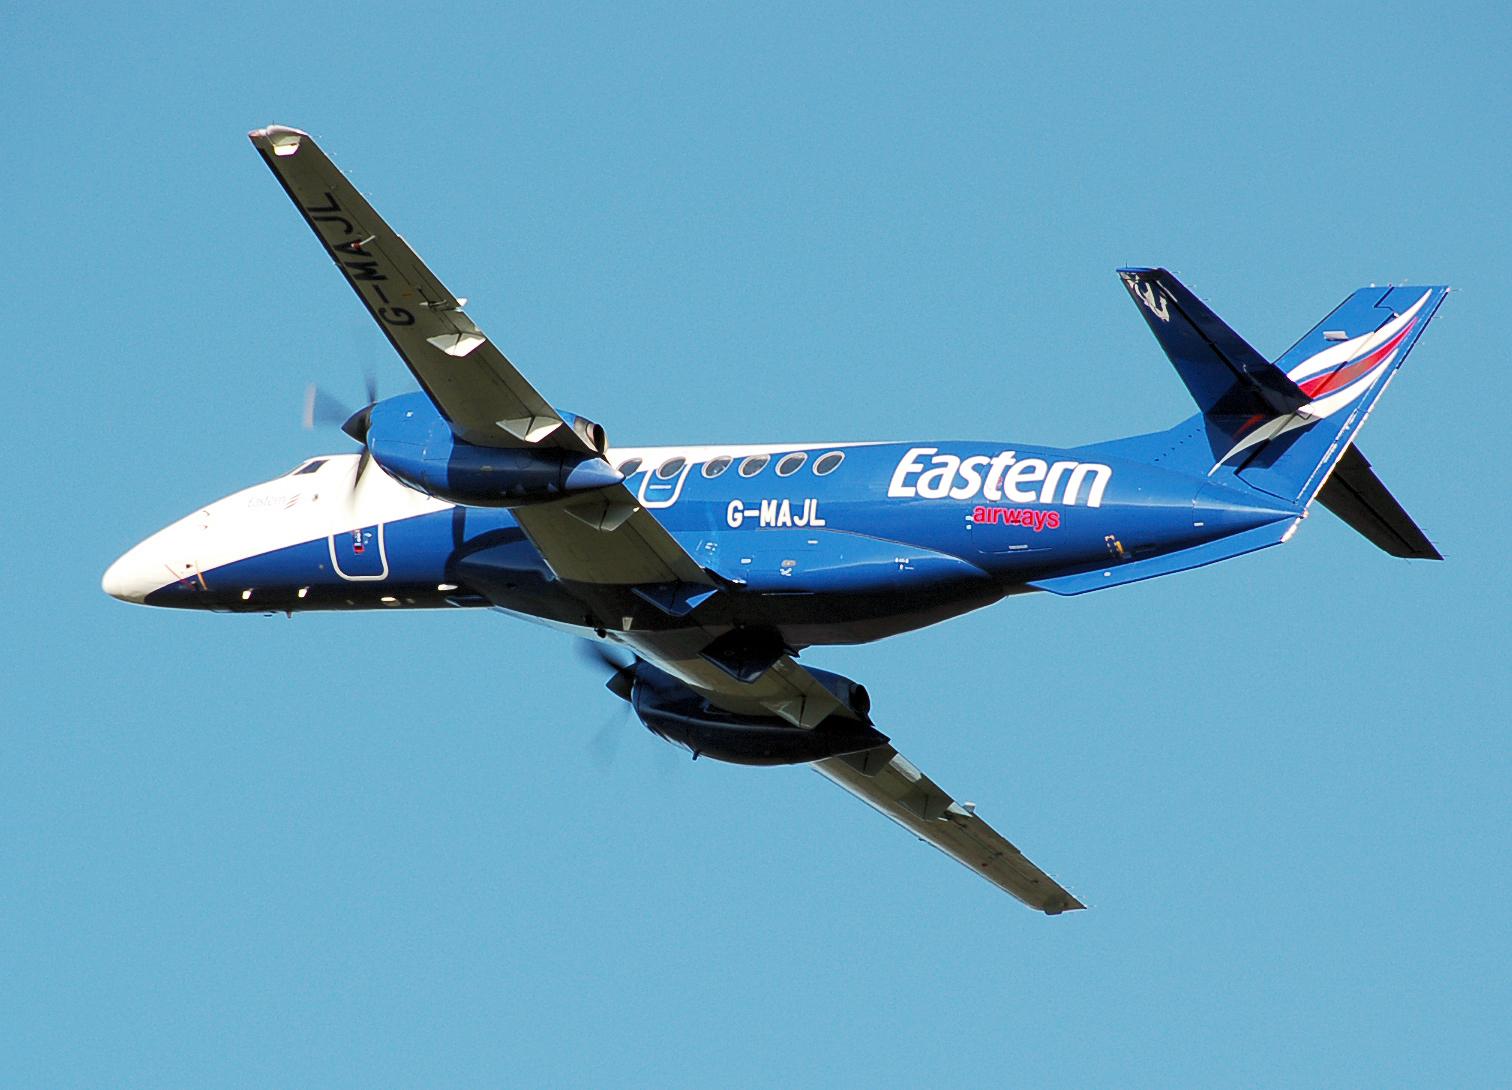 ちゃめのBlog ちゃめのBlog: 英国:耳で旅客機を引っ張る!? skip to m...